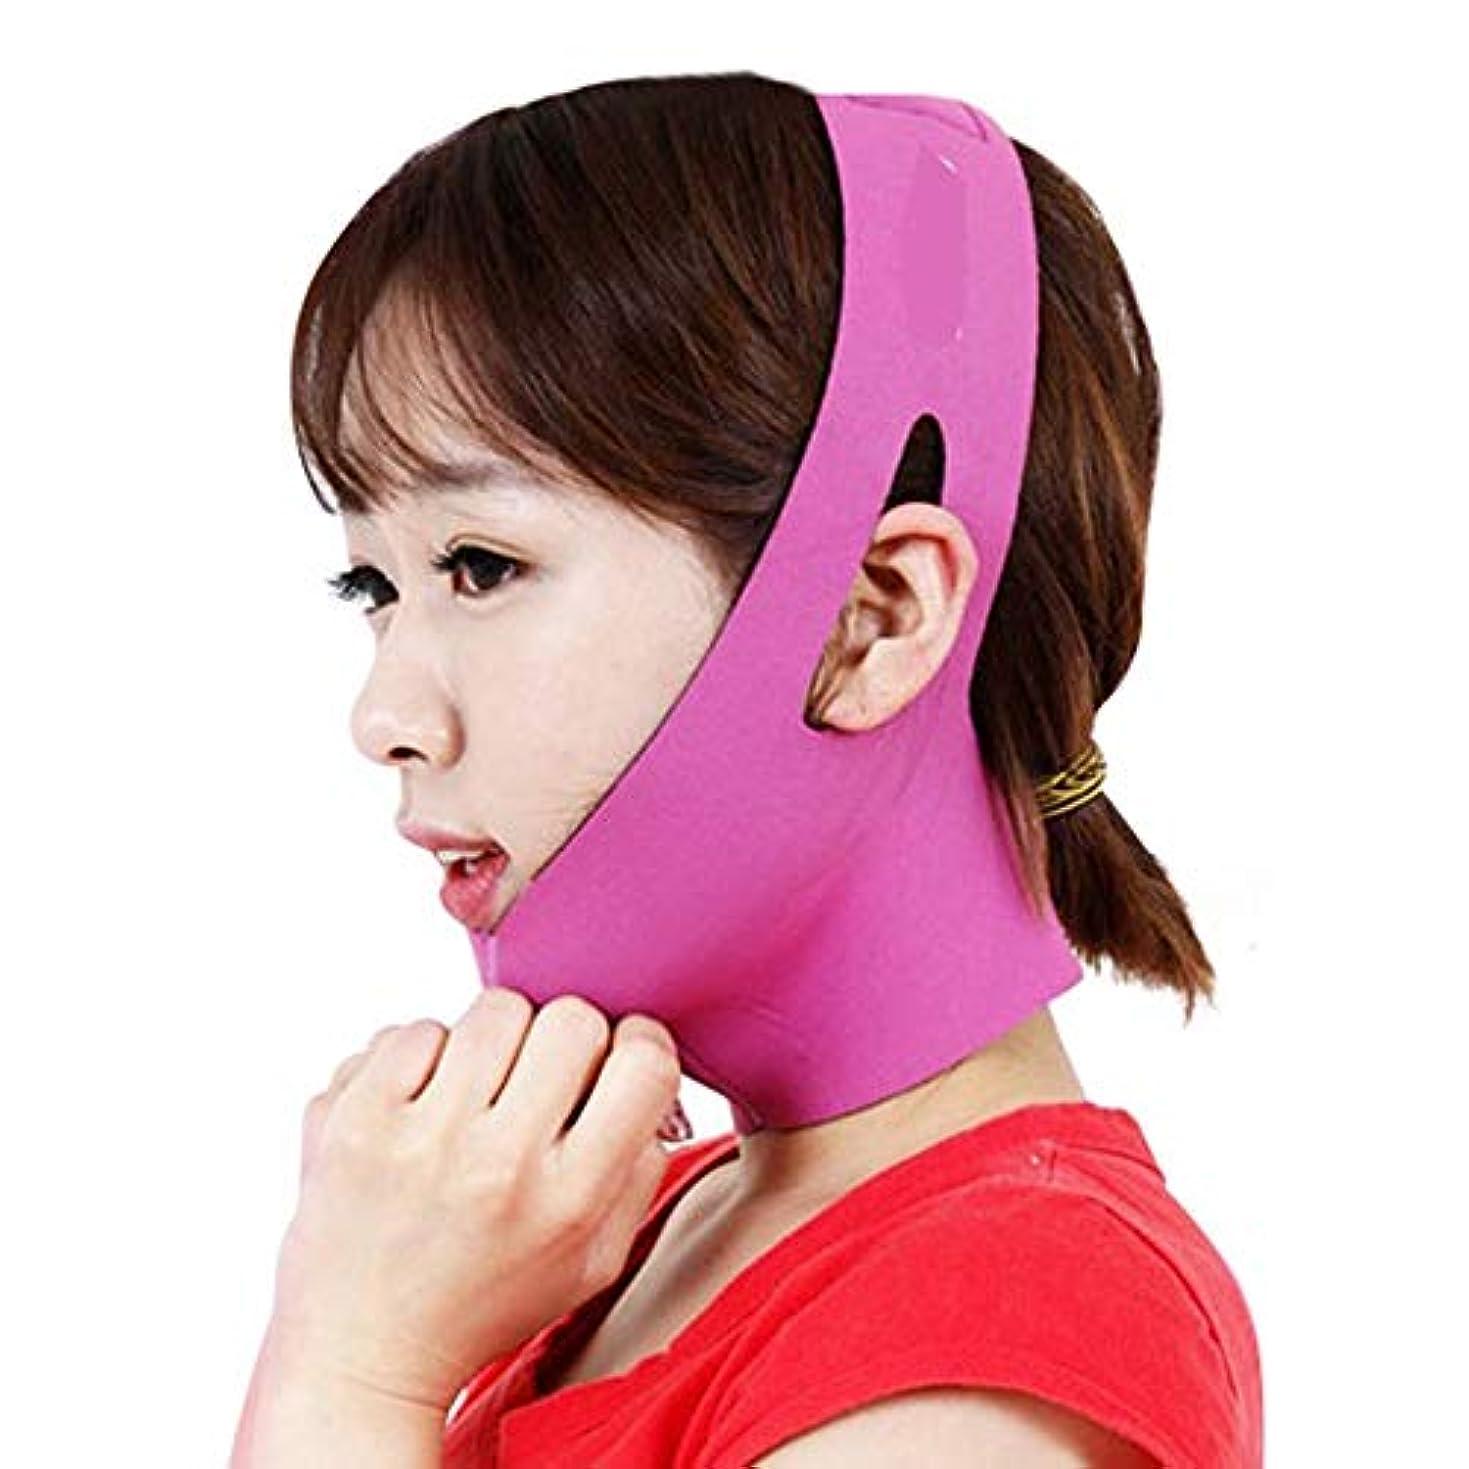 れるグレートオーク委託Minmin フェイシャルリフティング痩身ベルト圧縮二重あご減量ベルトスキンケア薄い顔包帯二重あごワークアウト みんみんVラインフェイスマスク (Color : Pink)